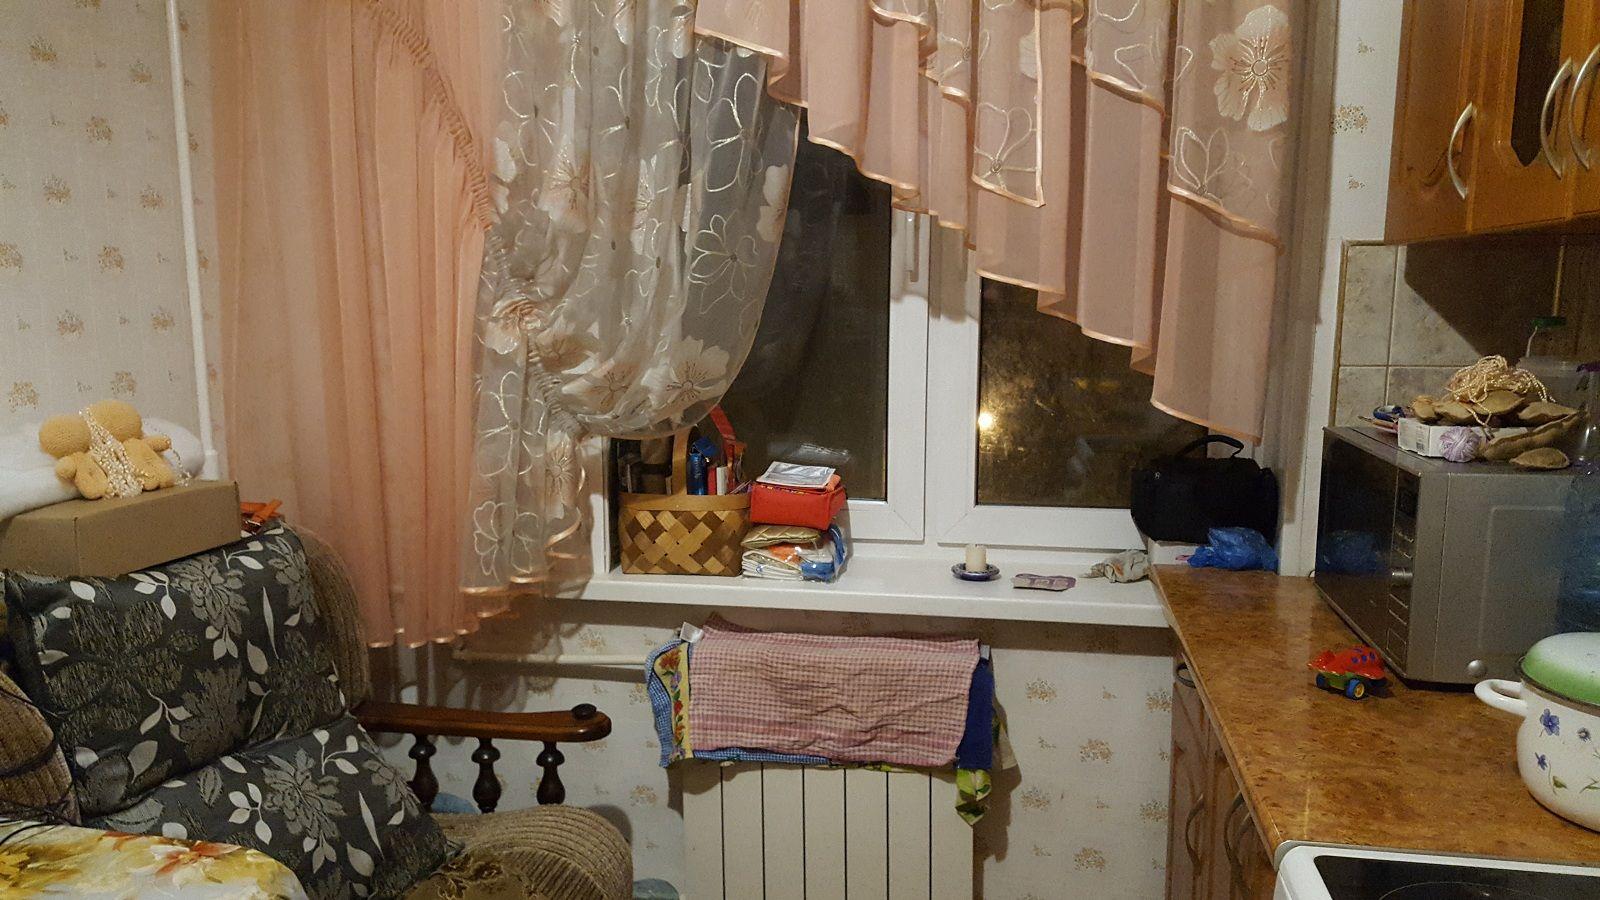 Как я провела свой день рождение, я покажу вам летний Калининград, фото 93